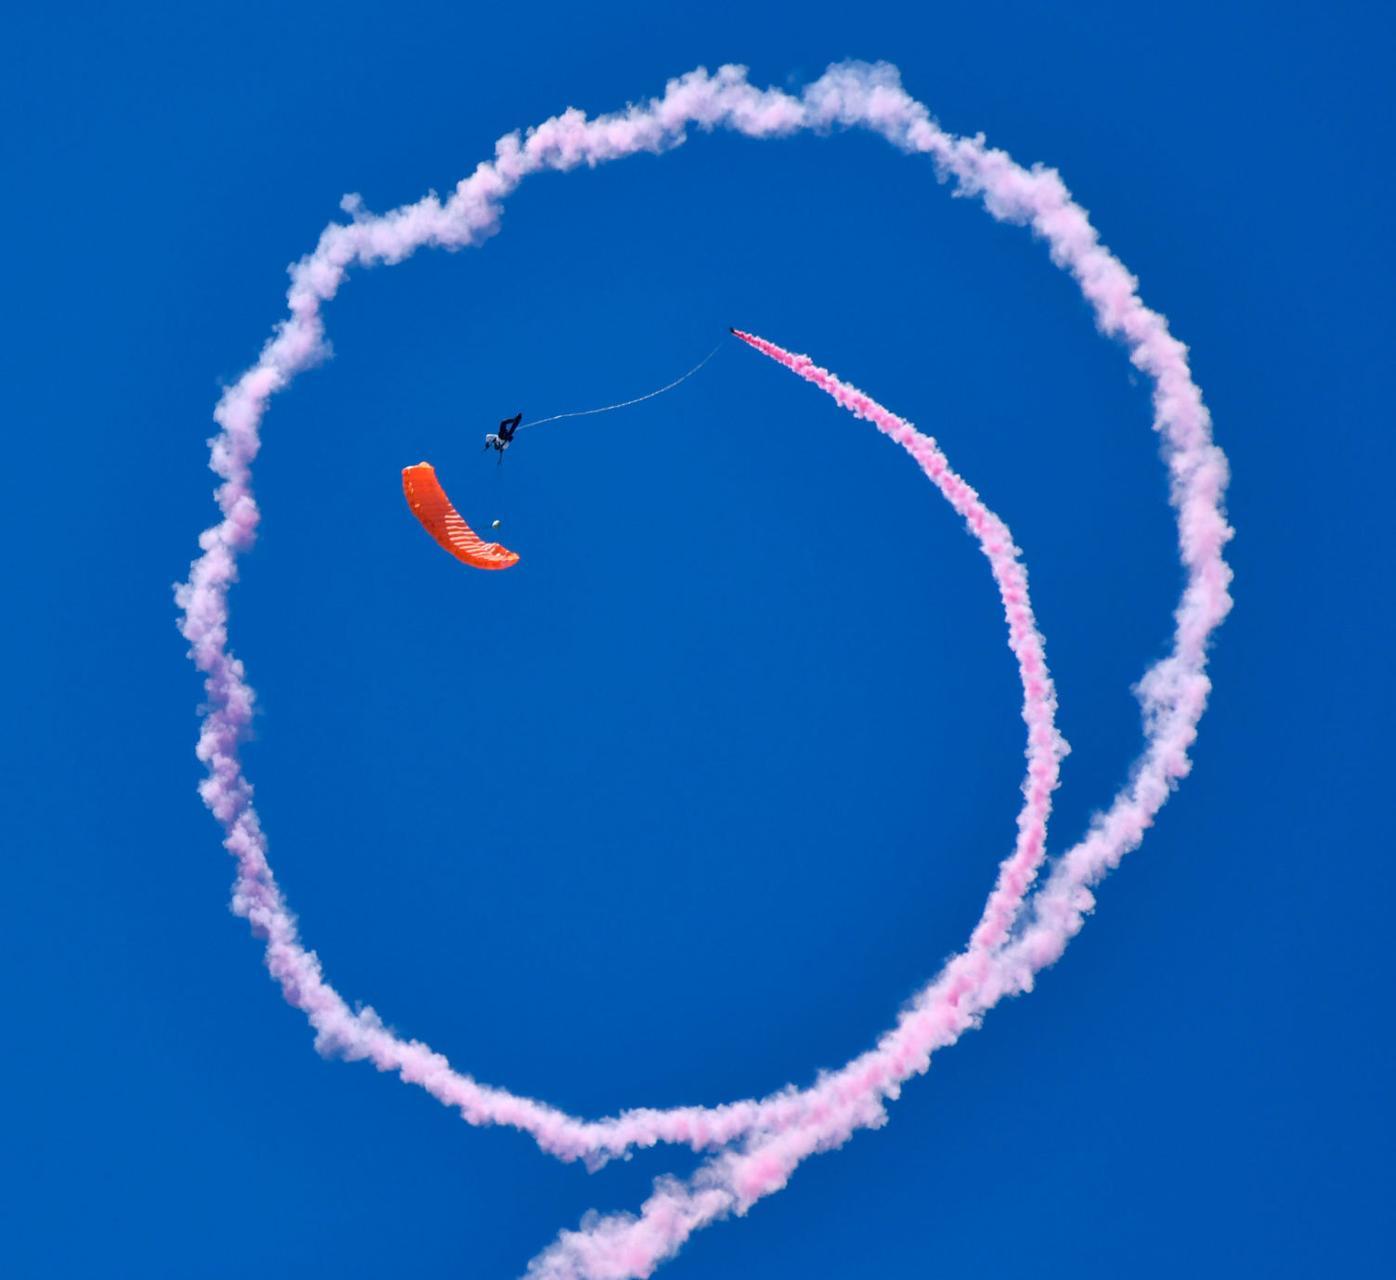 091121 9-11 Skydive 01.JPG